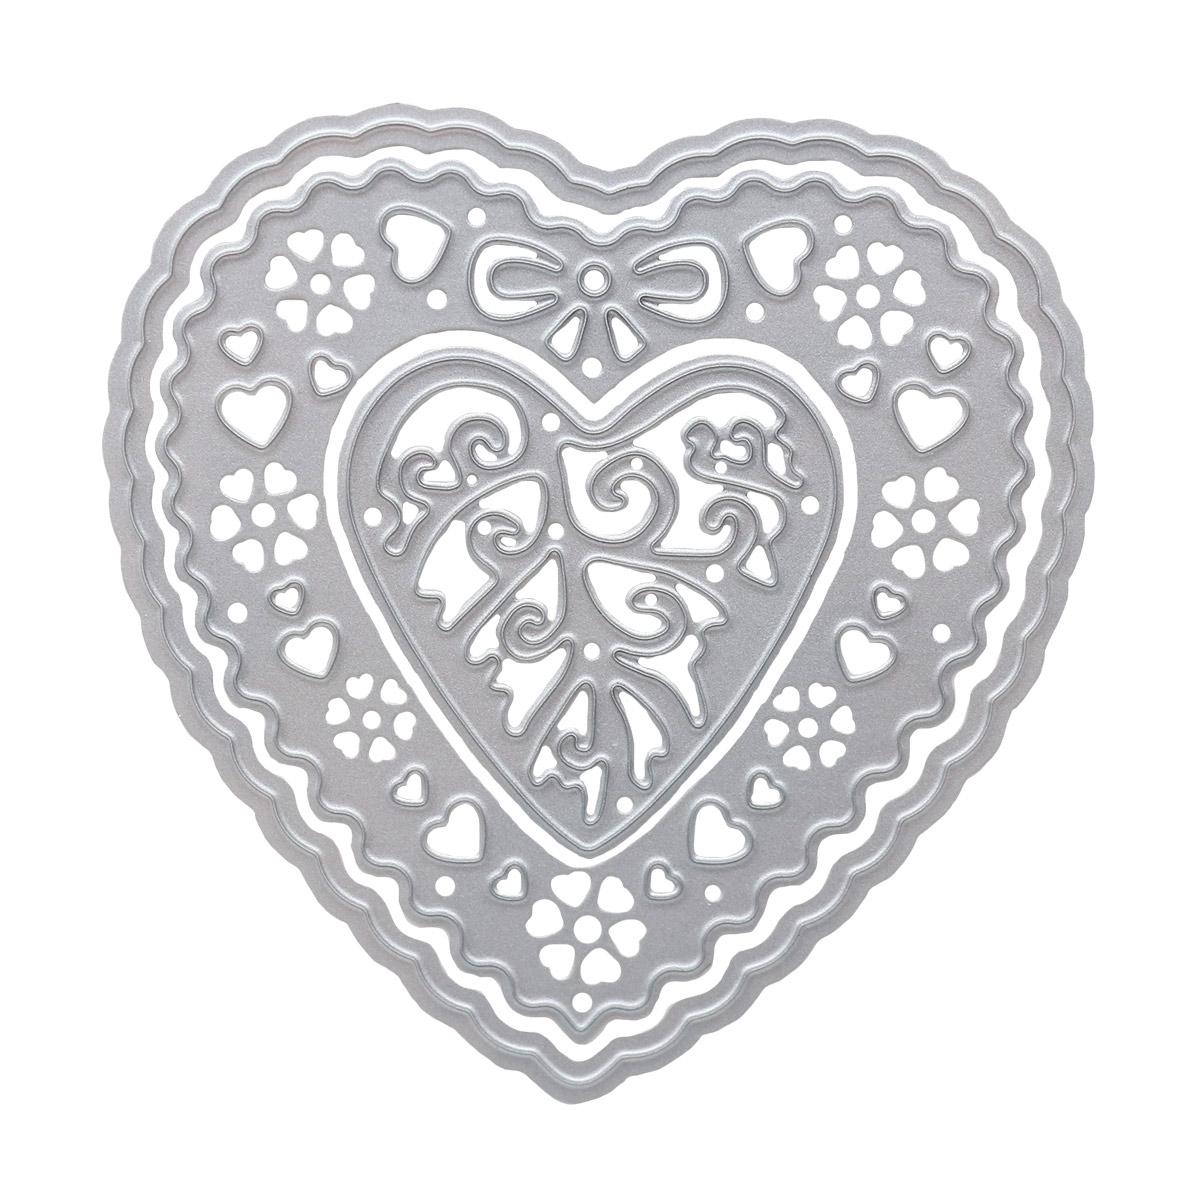 861-008-015 Форма для вырубки, Сердце, 78*78мм